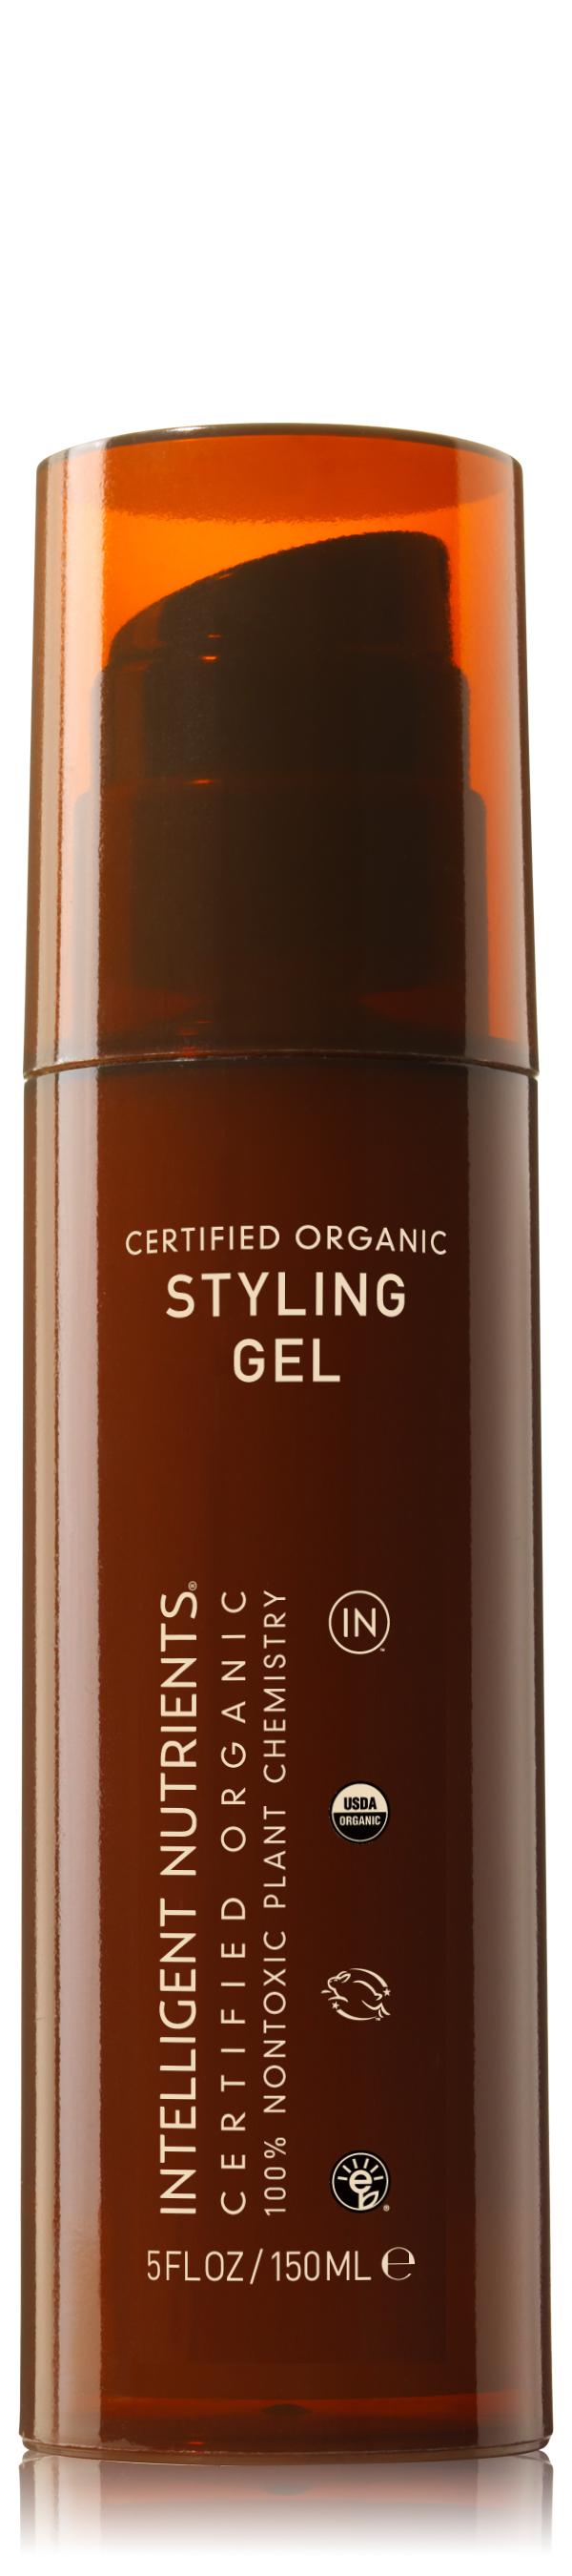 Styling Gel (DKK270/170ml)